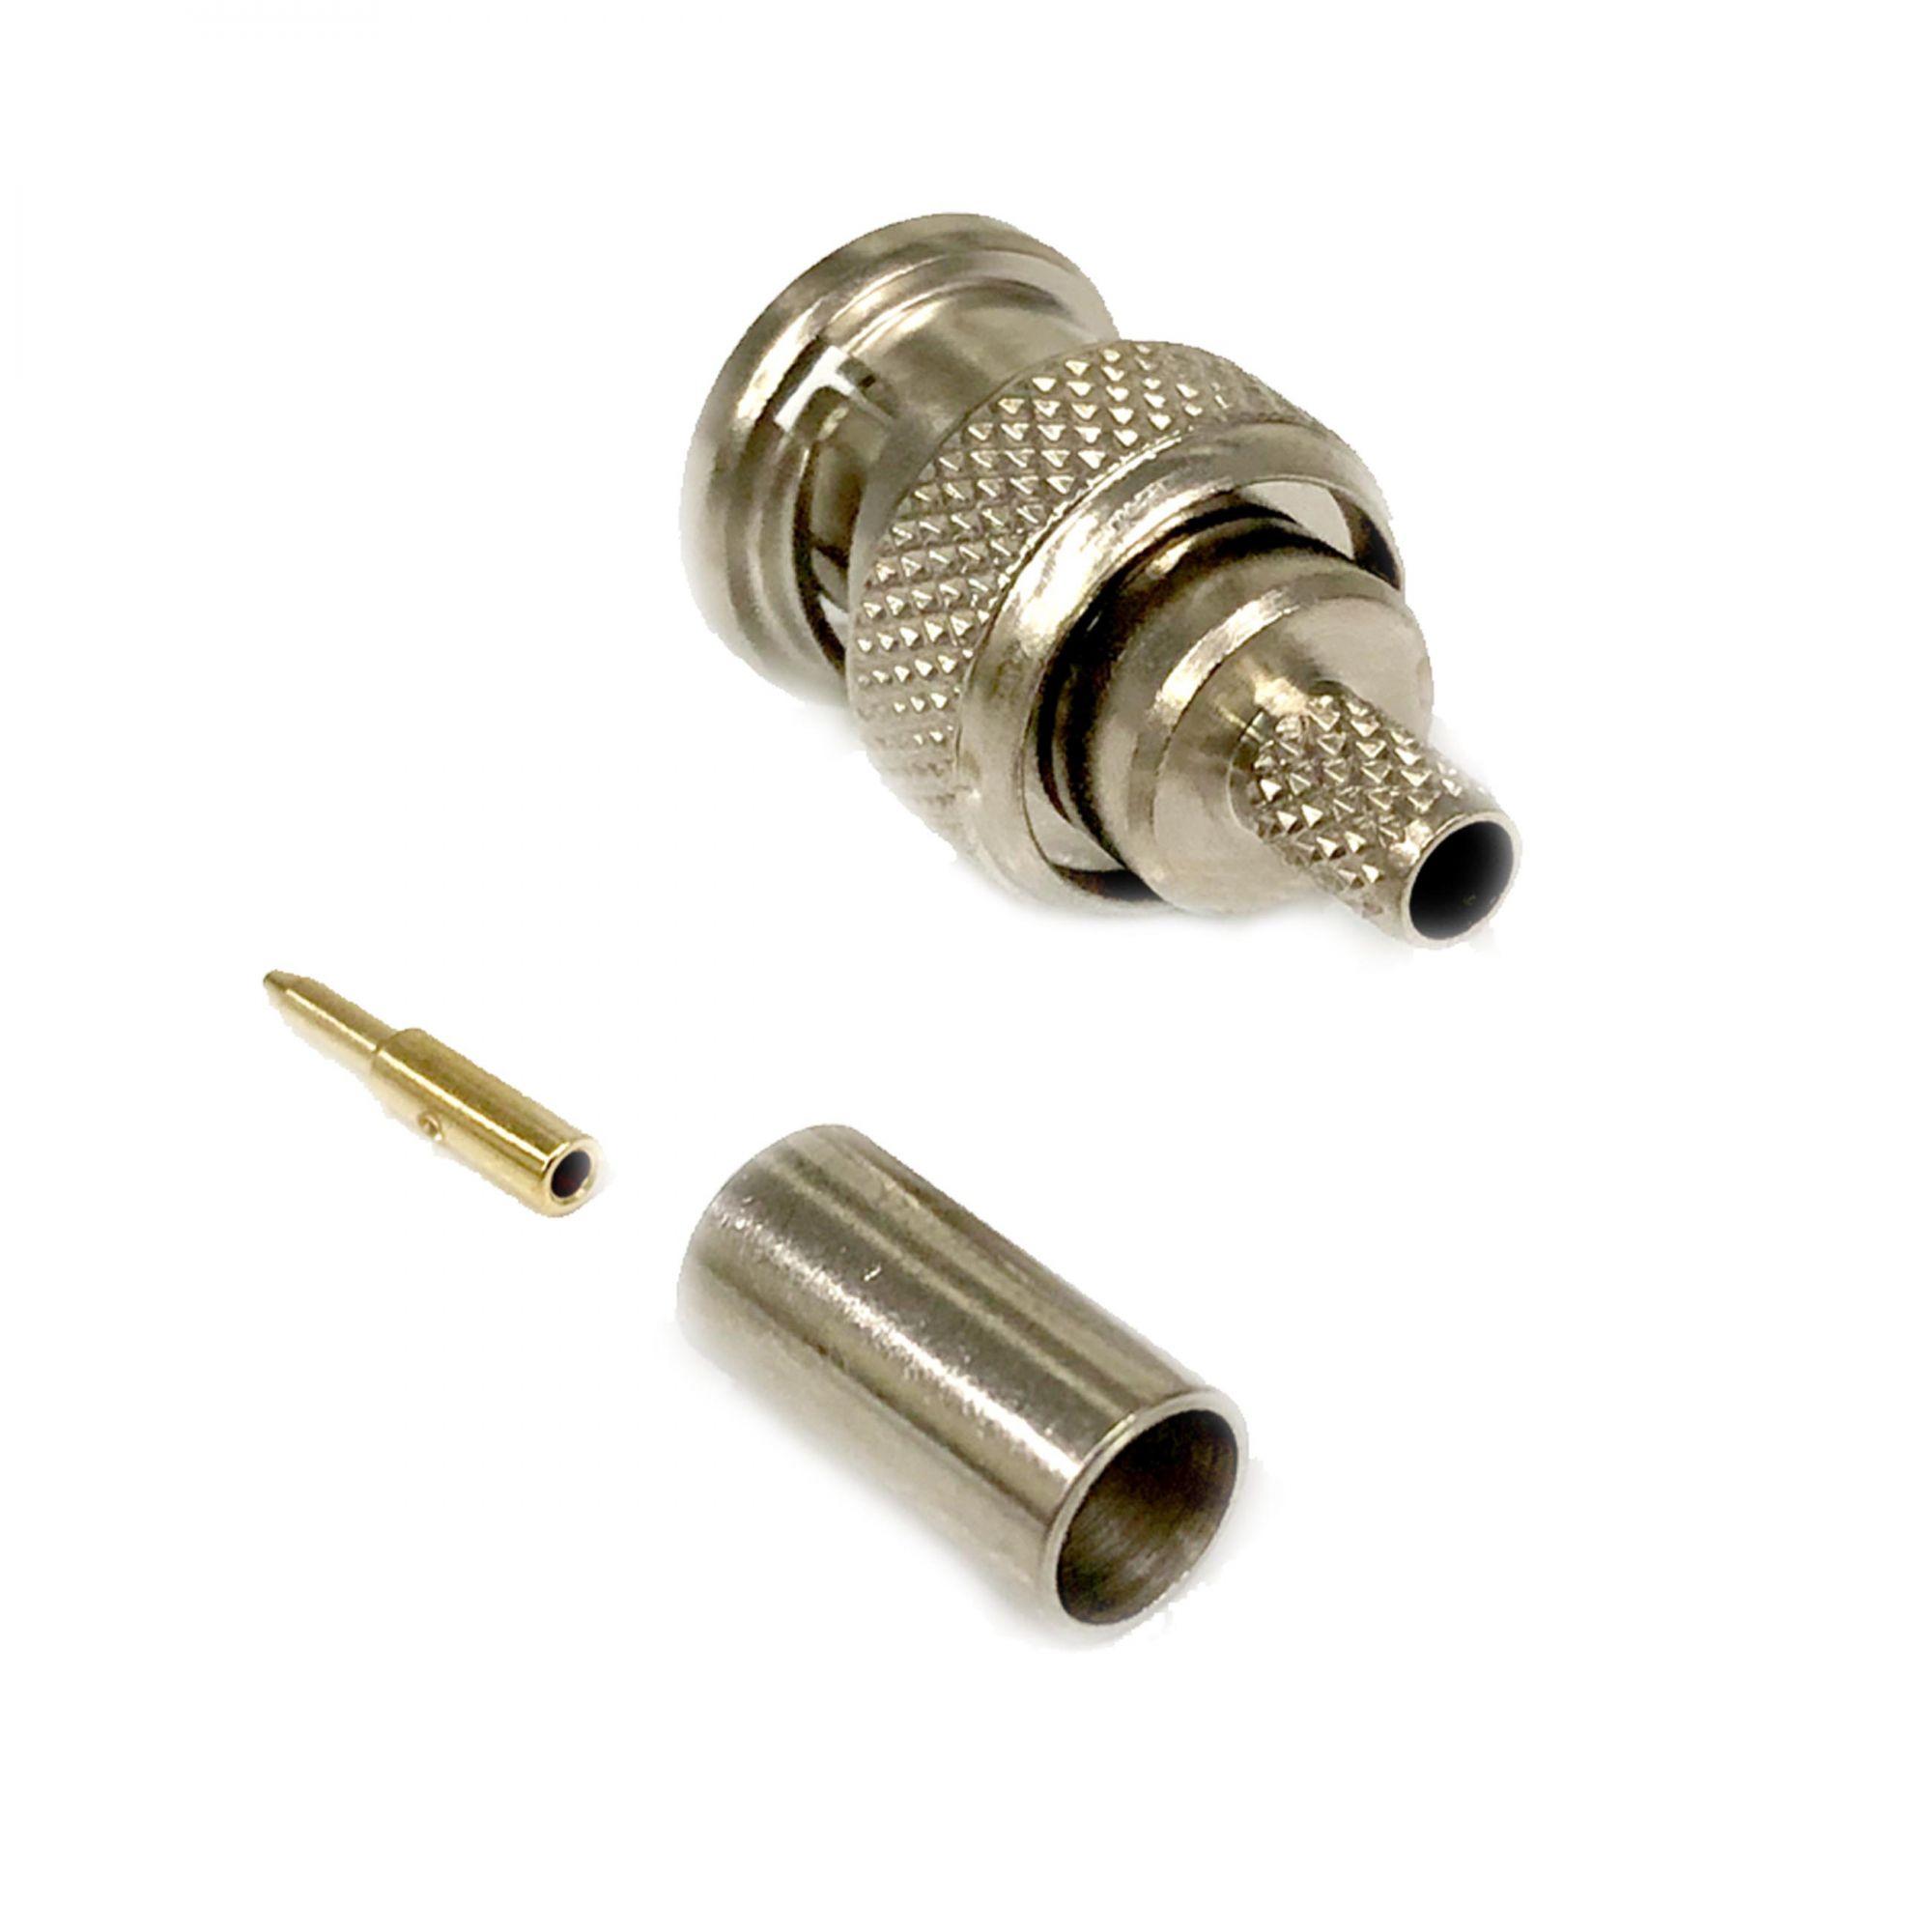 Conector BNC Macho Crimp RG58 Steelbras - AP0024